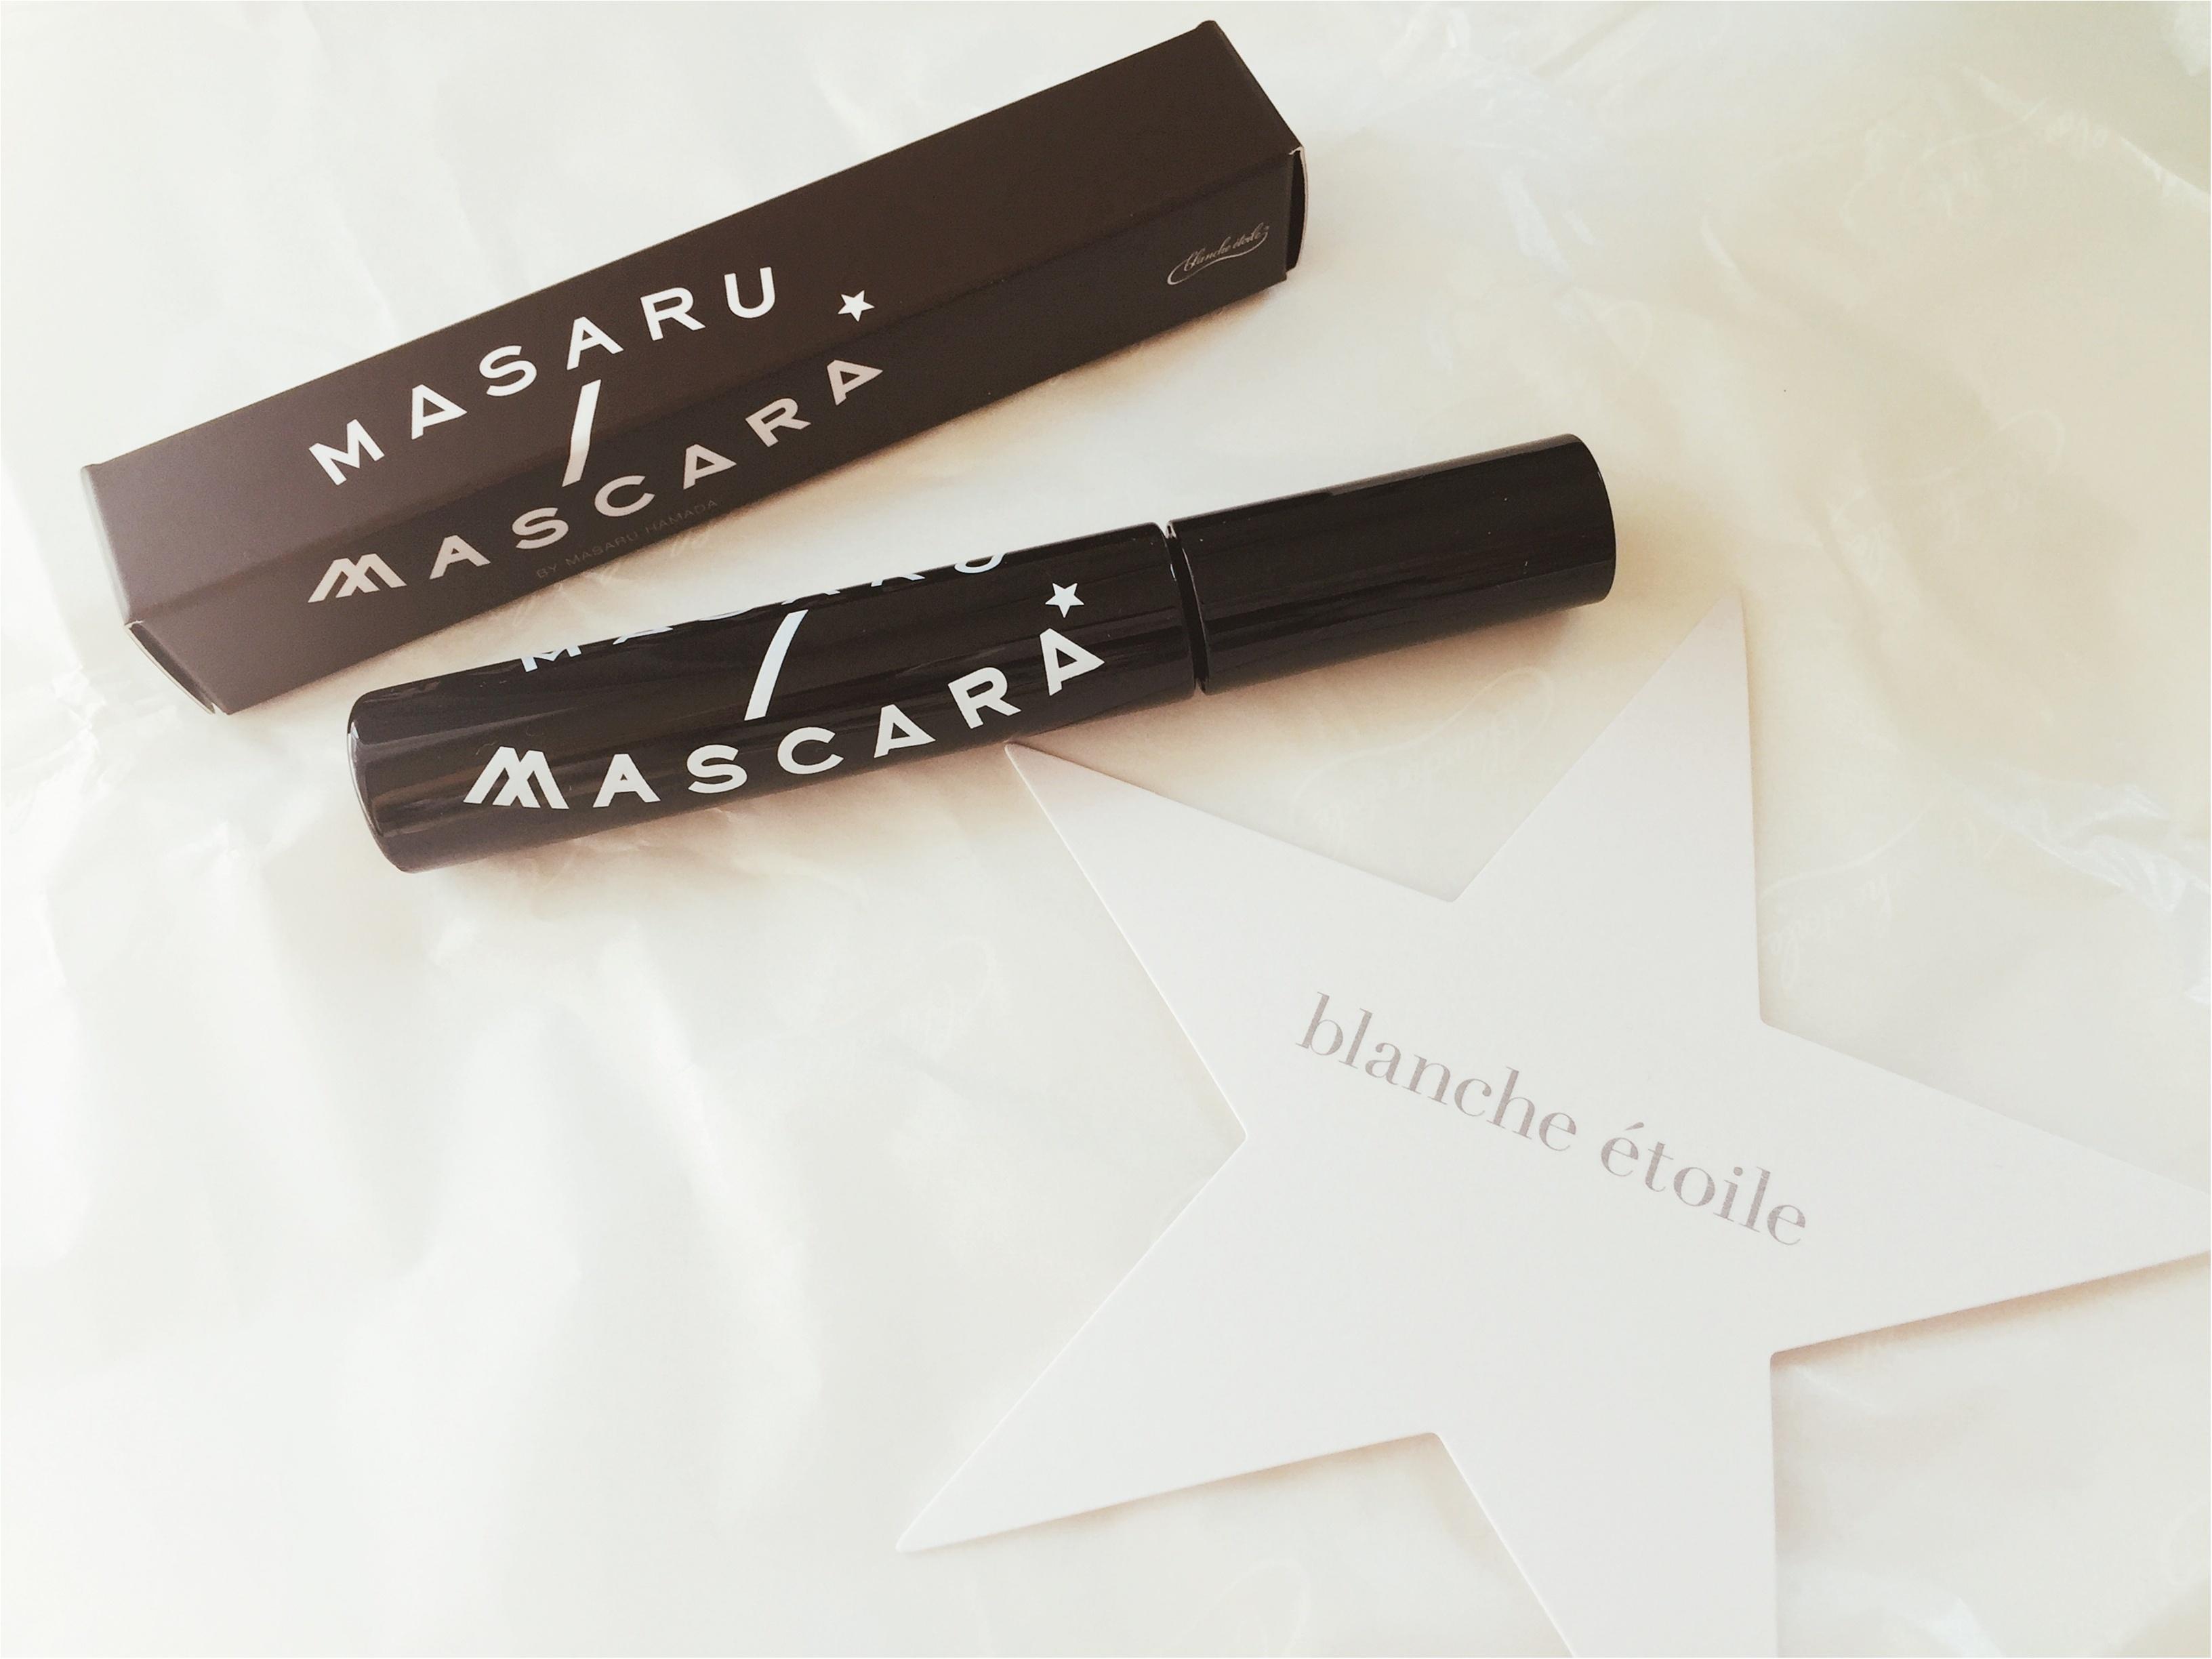 綺麗なまつげになりたいあなたへ…『blanche etoile(ブランエトワール)』のマスカラで理想のまつげに!!_2